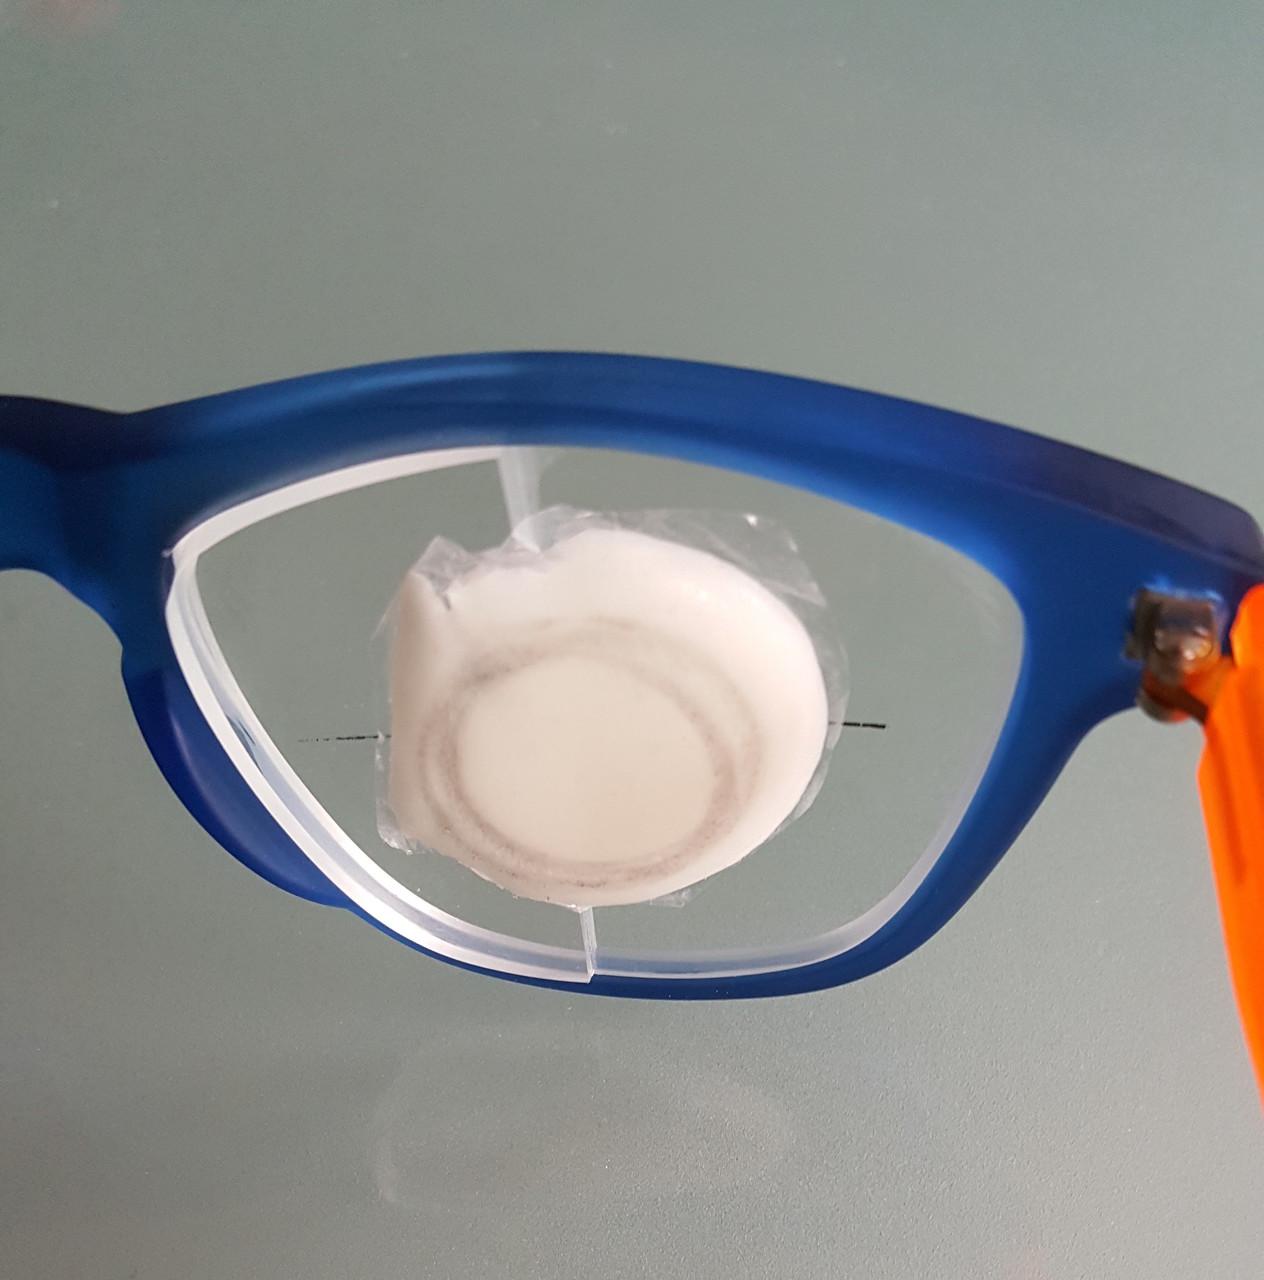 Auf das Glas angepasste Spannhilfe. Hässlich aber höchst wirkungsvoll!